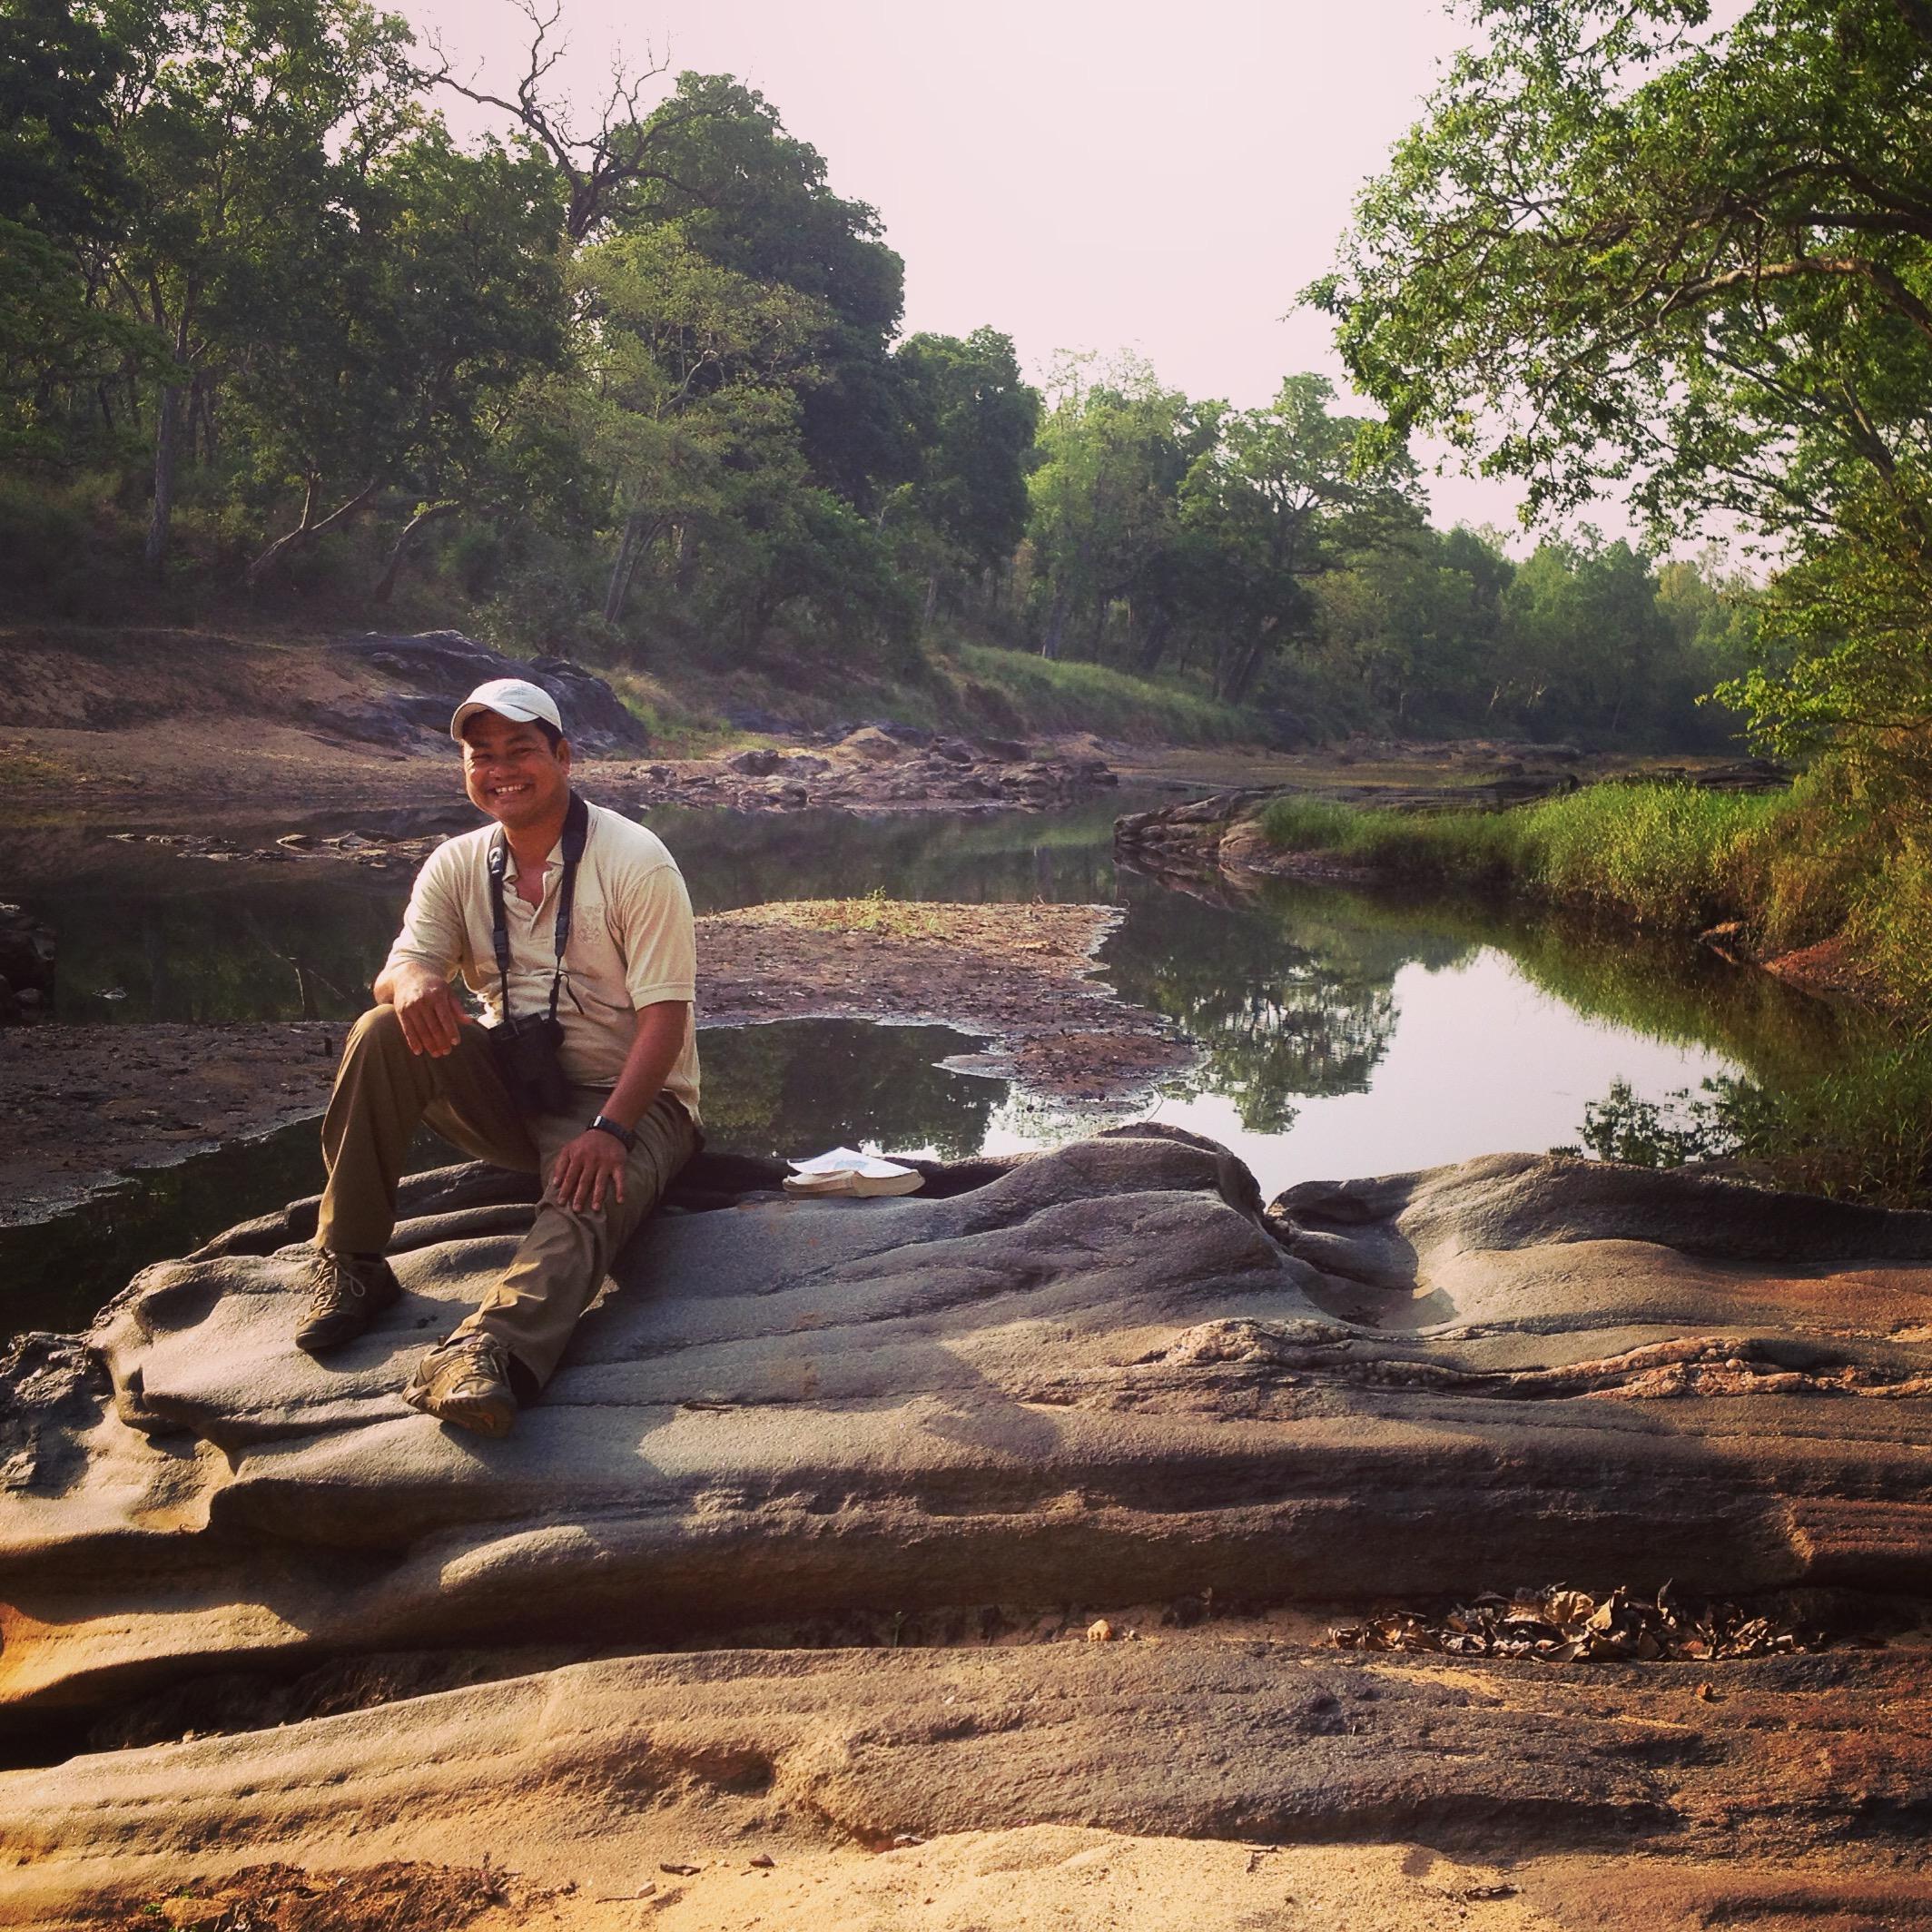 Raj at the river.